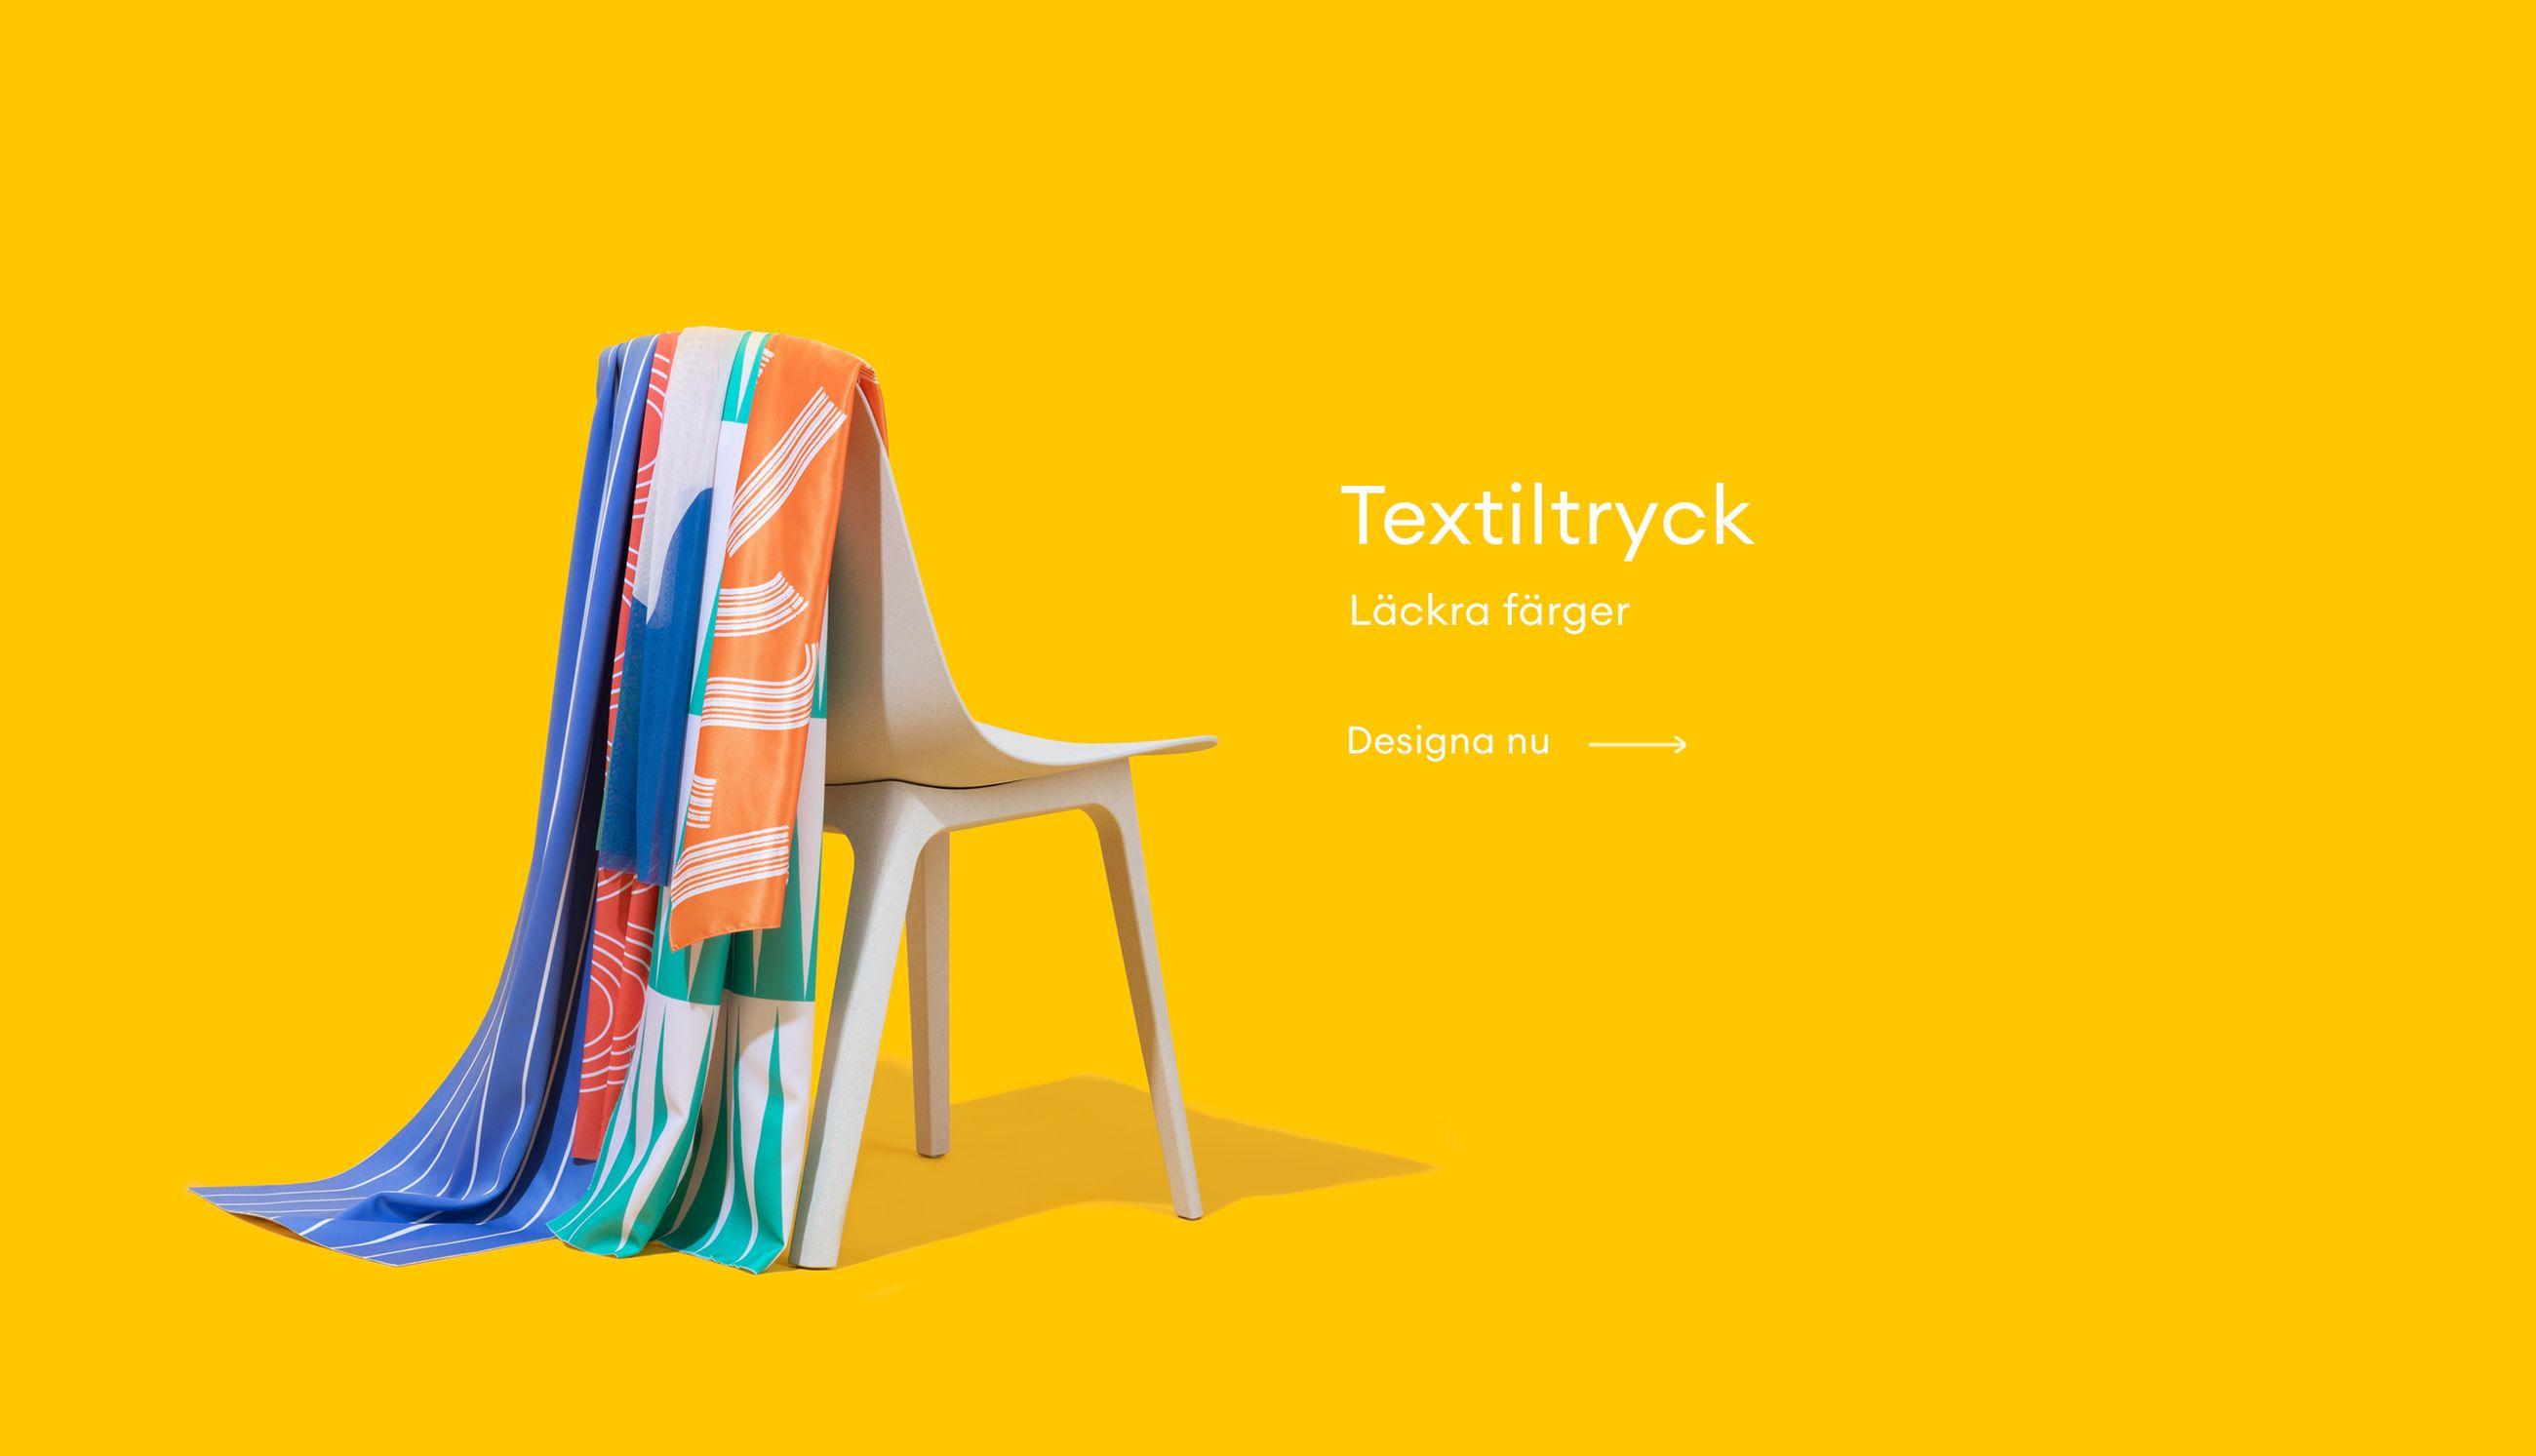 Textiltryck Läckra färger Designa nu